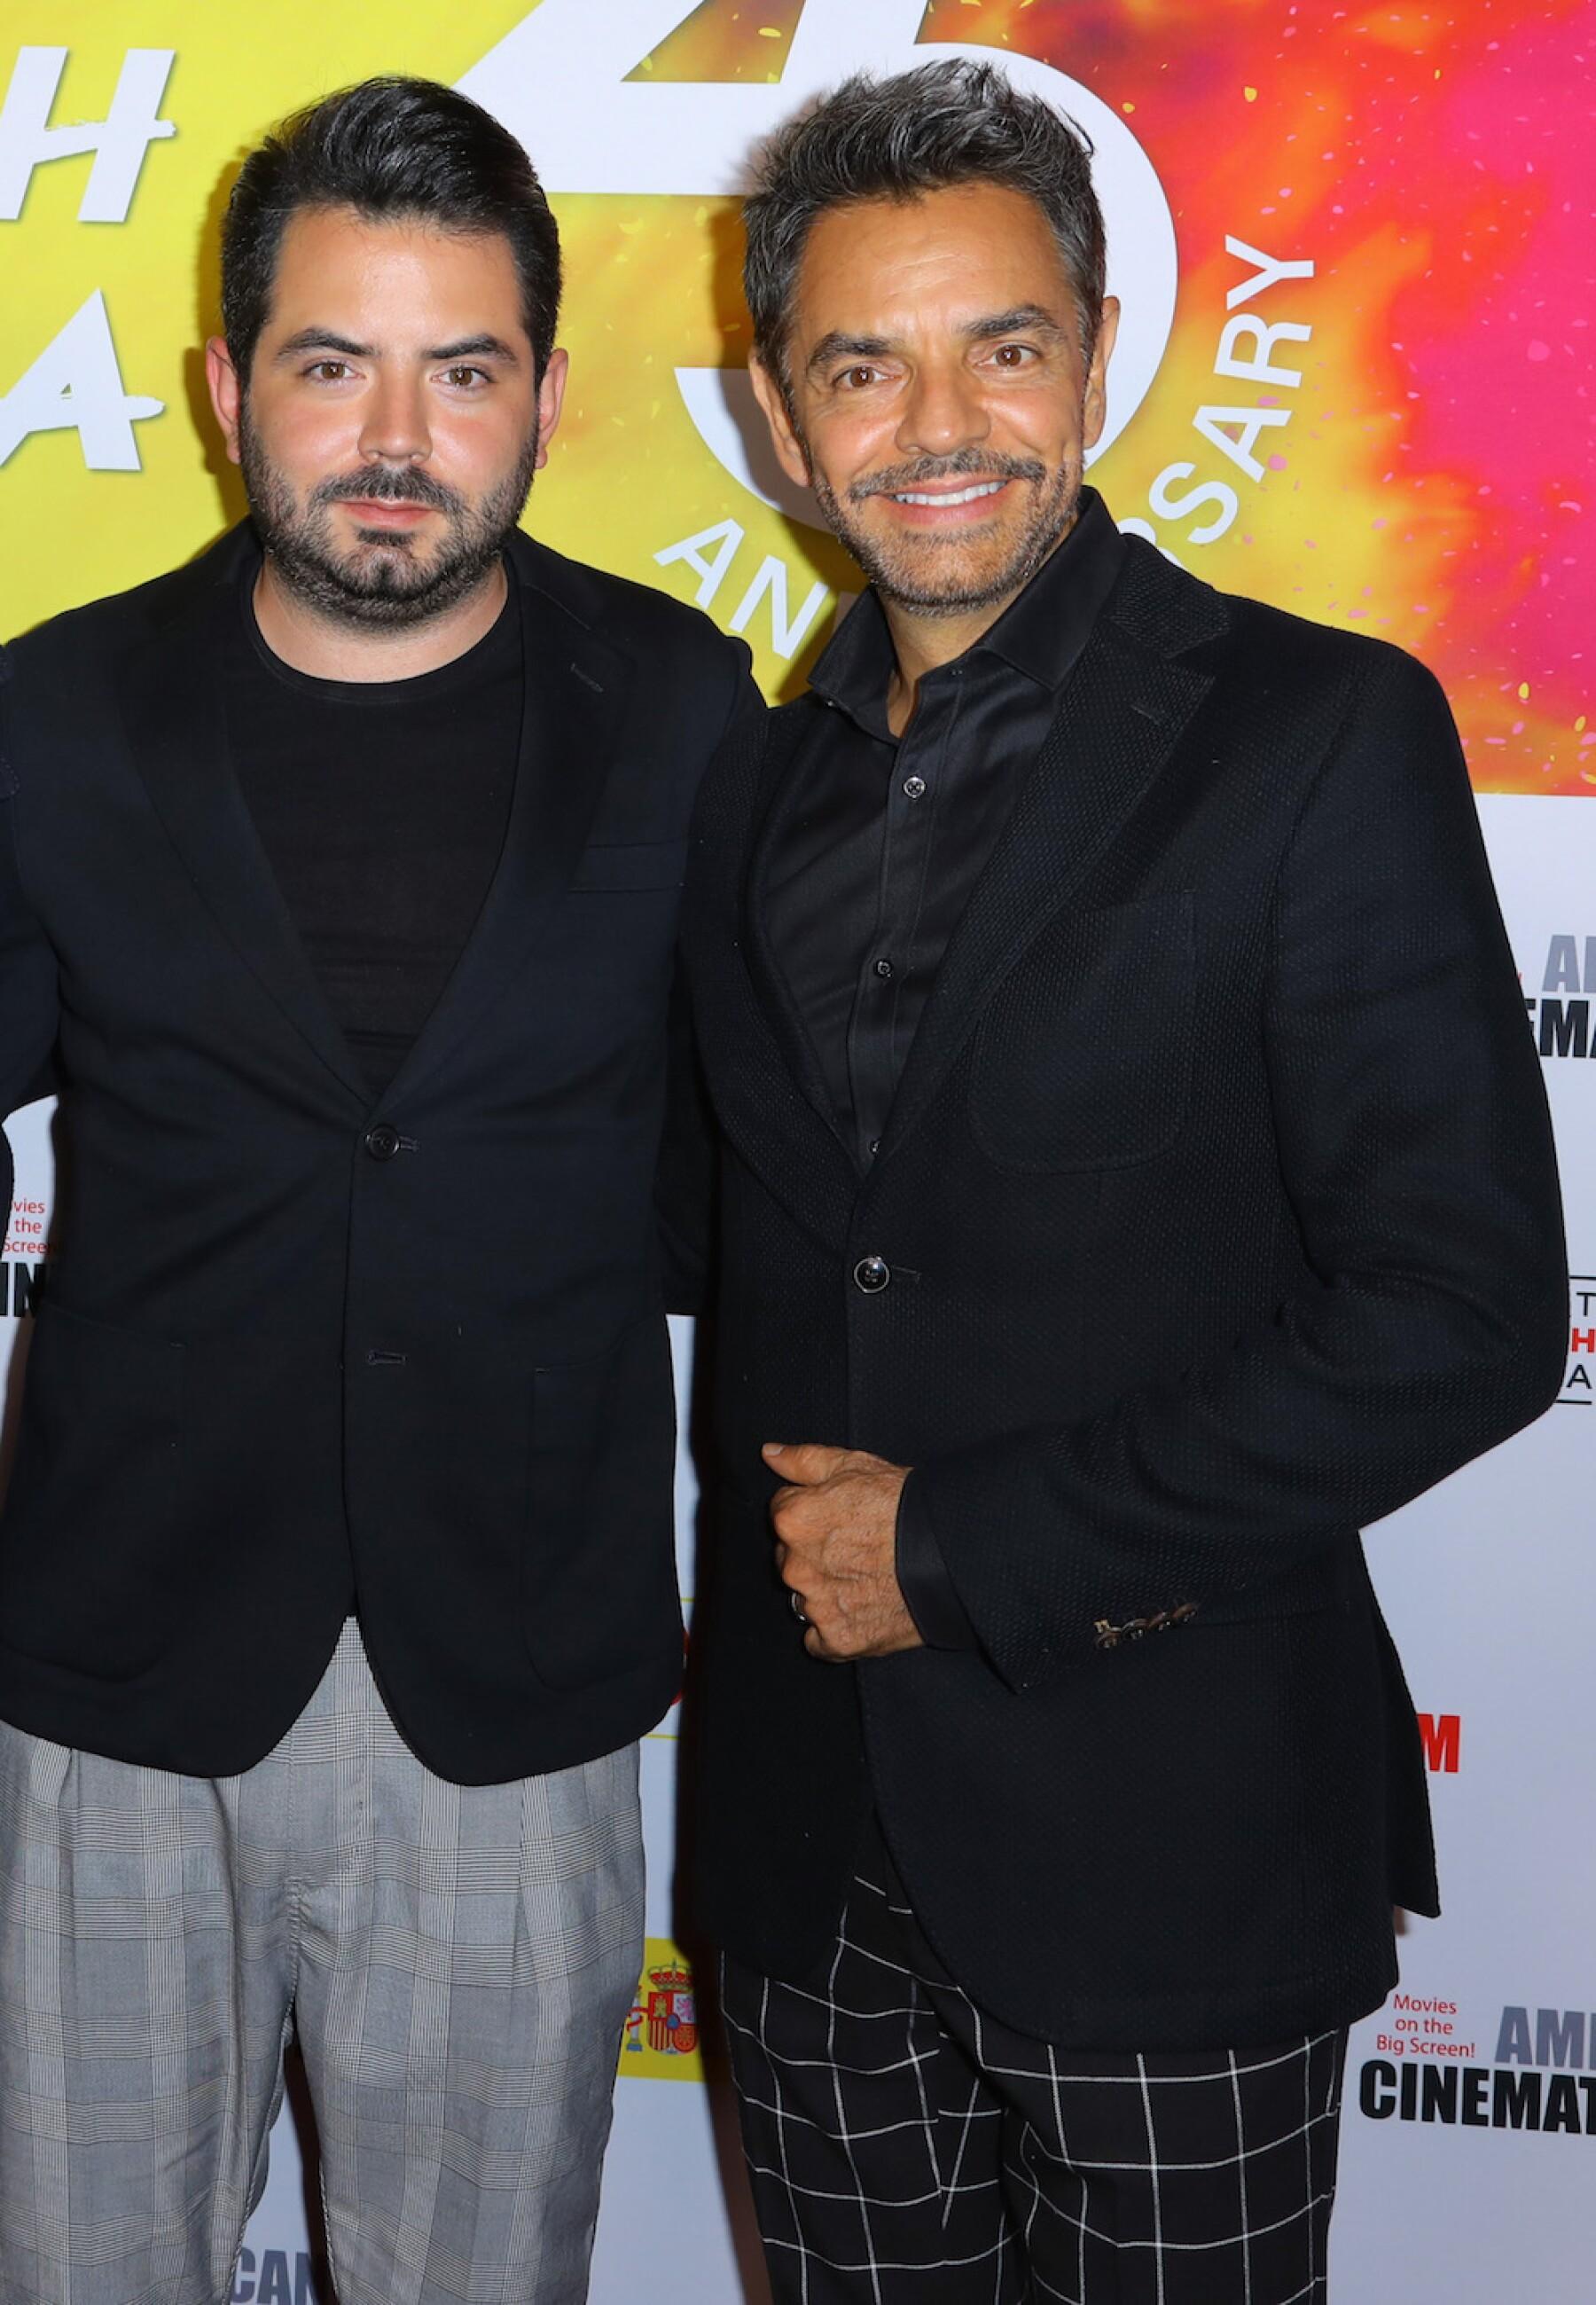 25th Anniversary Of Recent Spanish Cinema